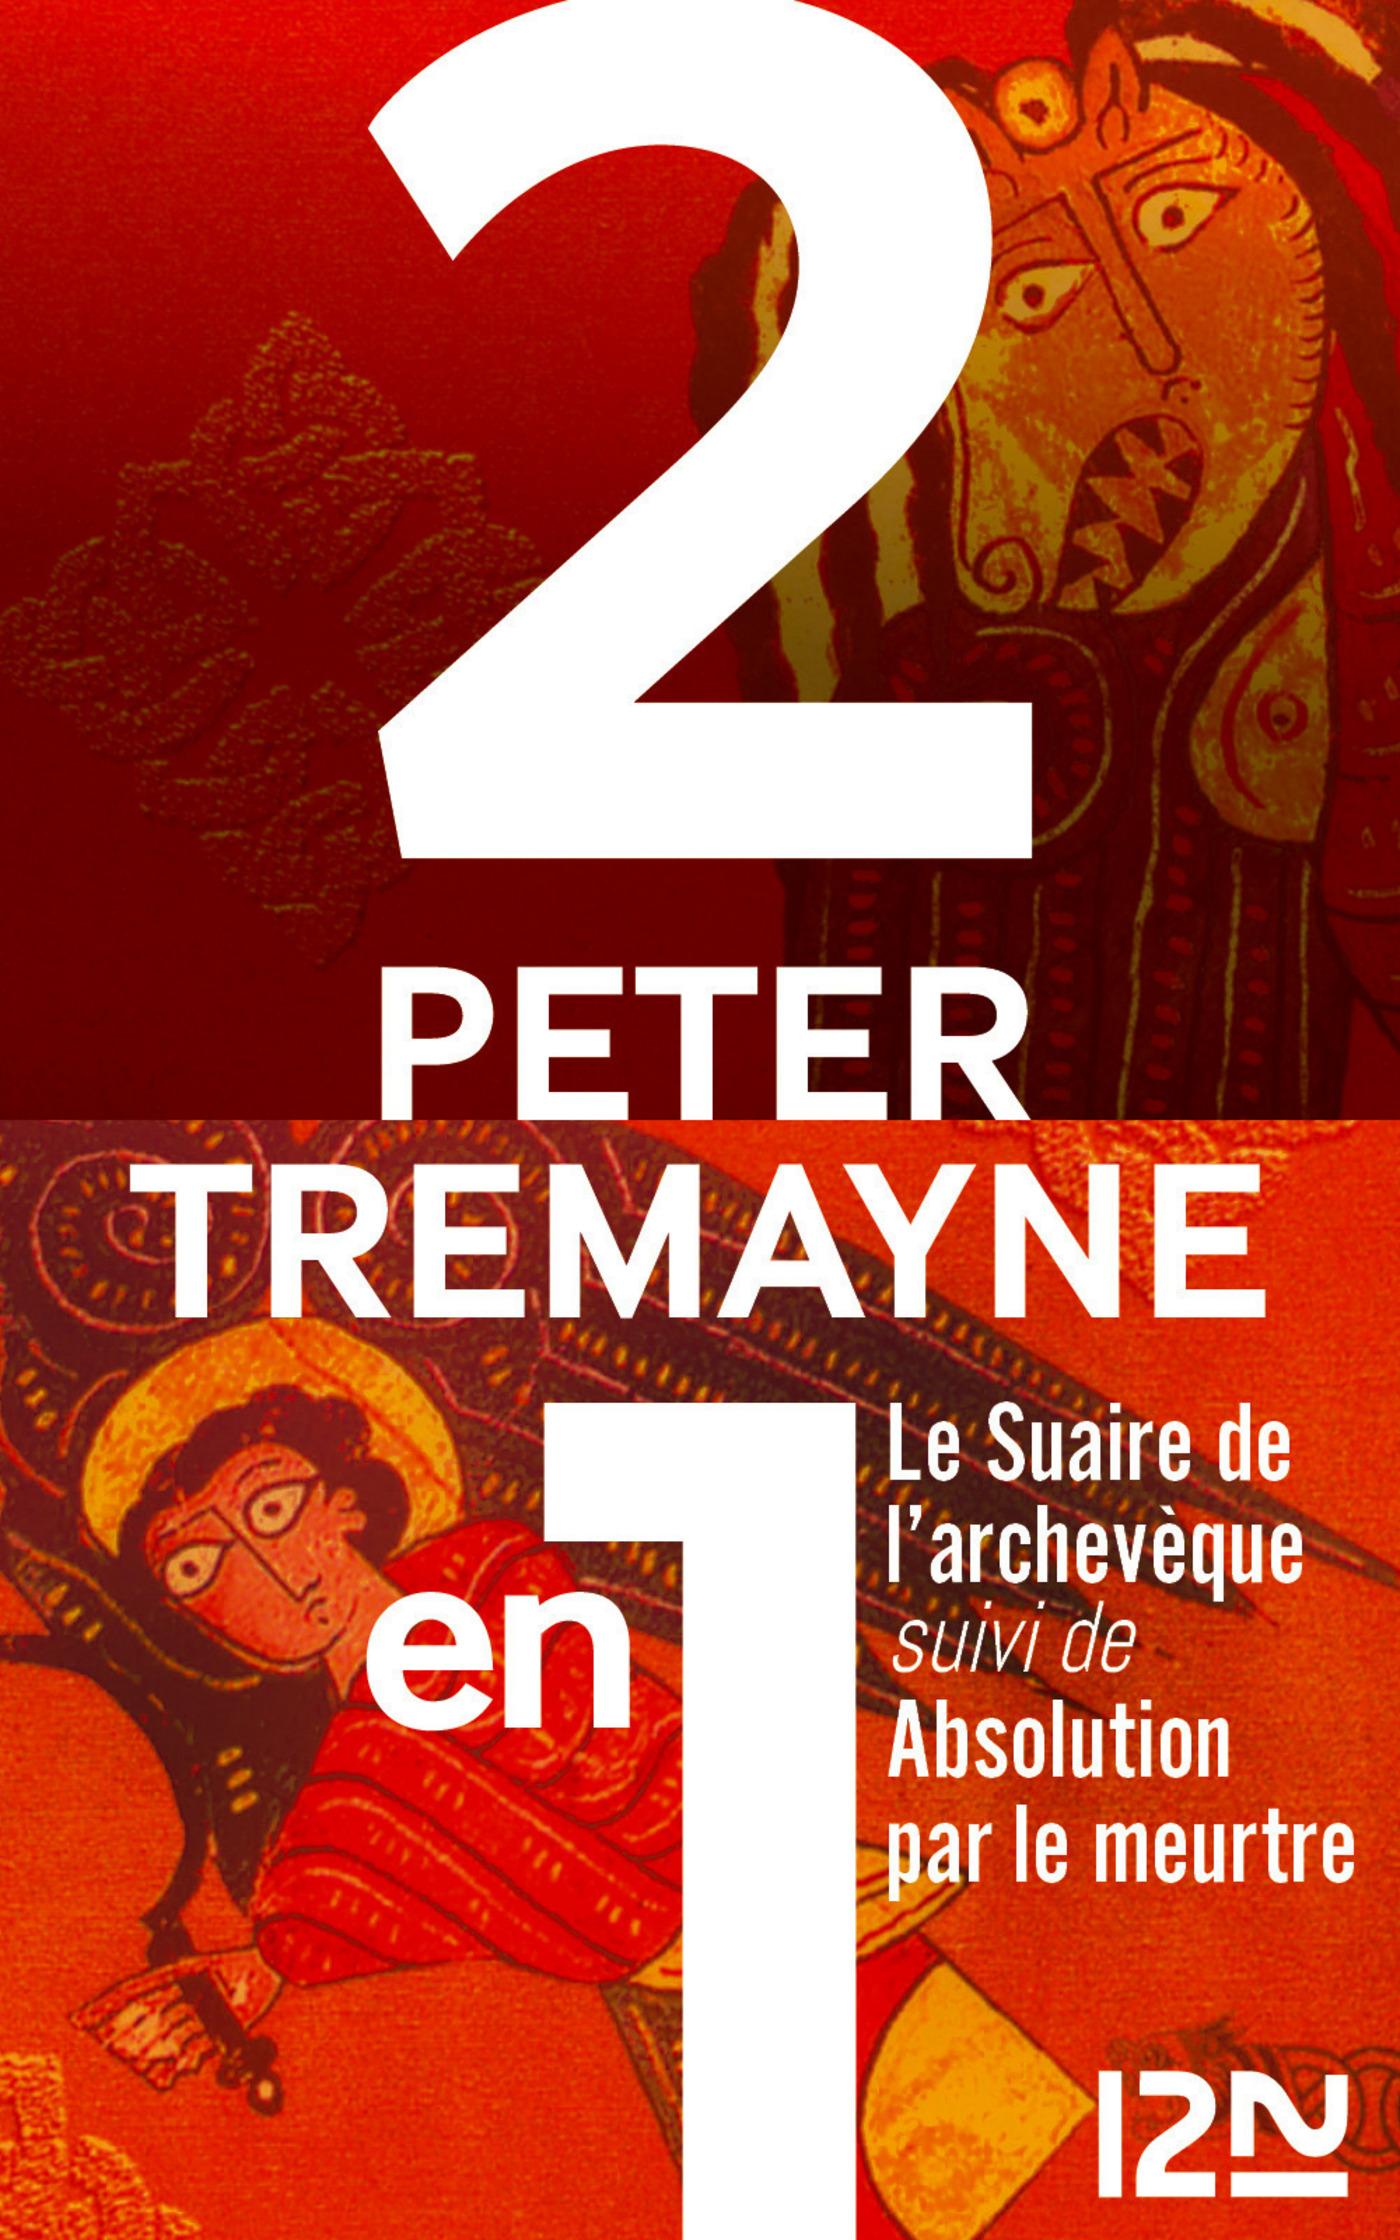 Le Suaire de l'archevêque suivi de Absolution par le meurtre (ebook)